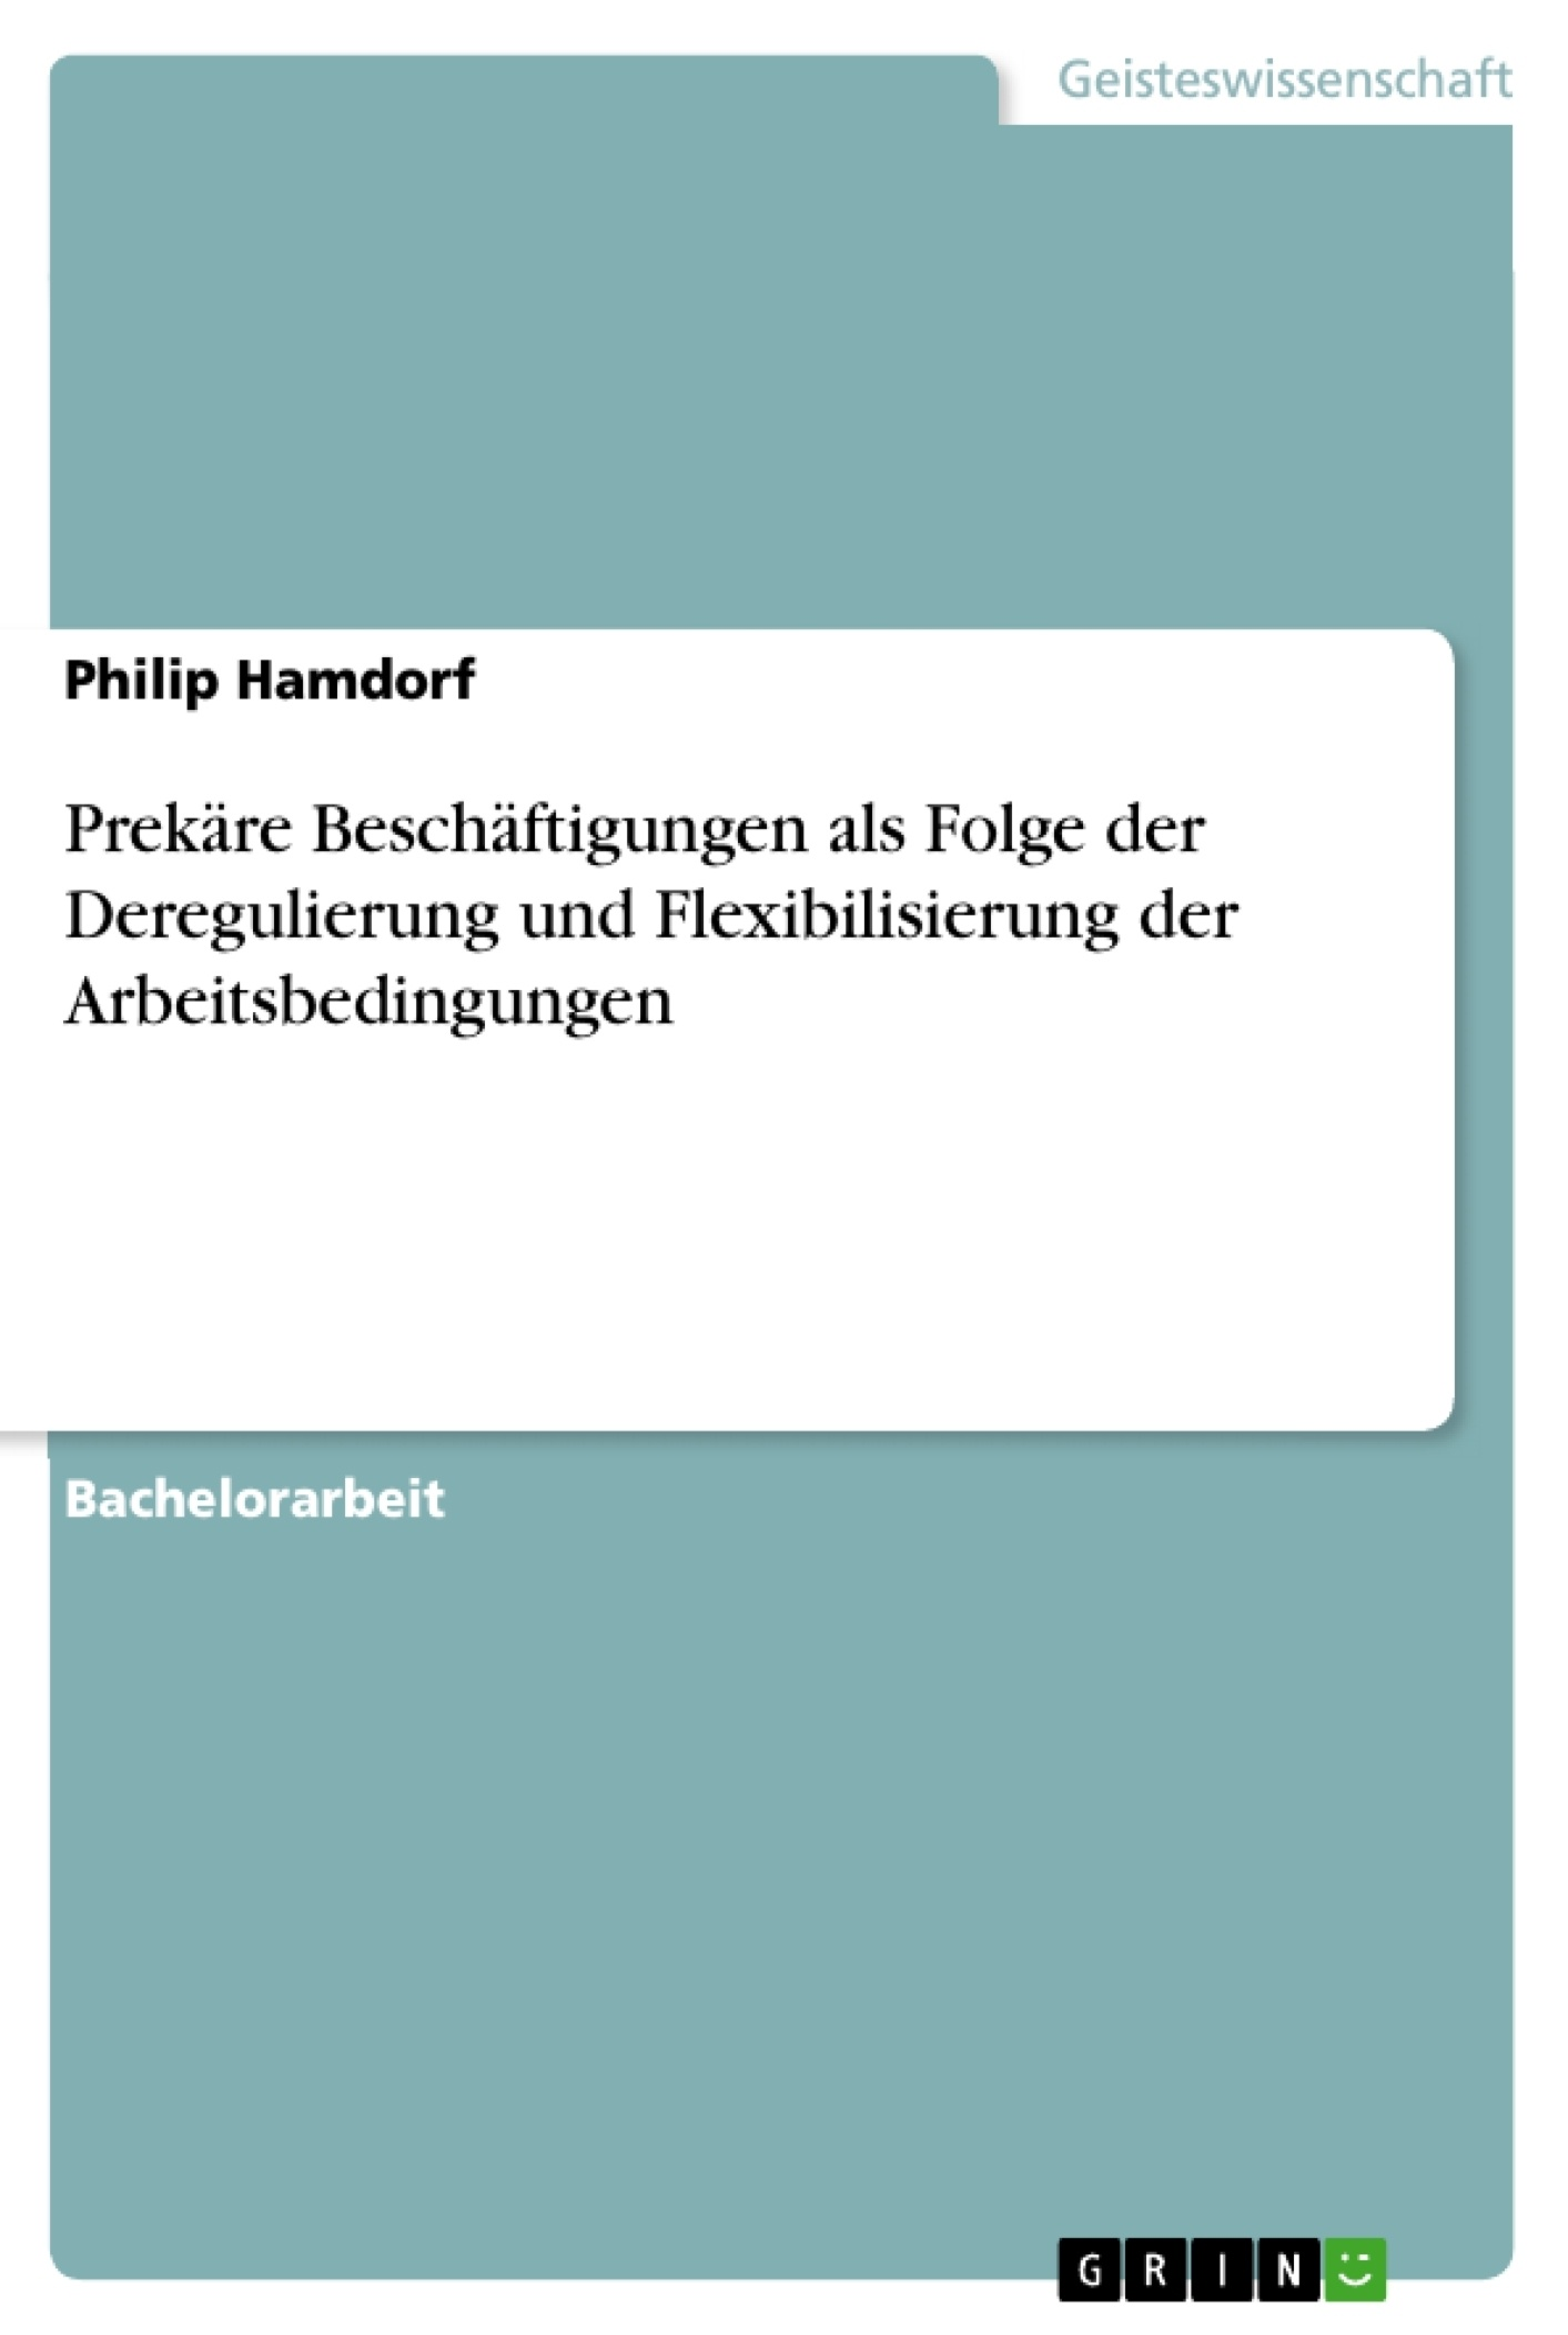 Titel: Prekäre Beschäftigungen als Folge der Deregulierung und Flexibilisierung der Arbeitsbedingungen